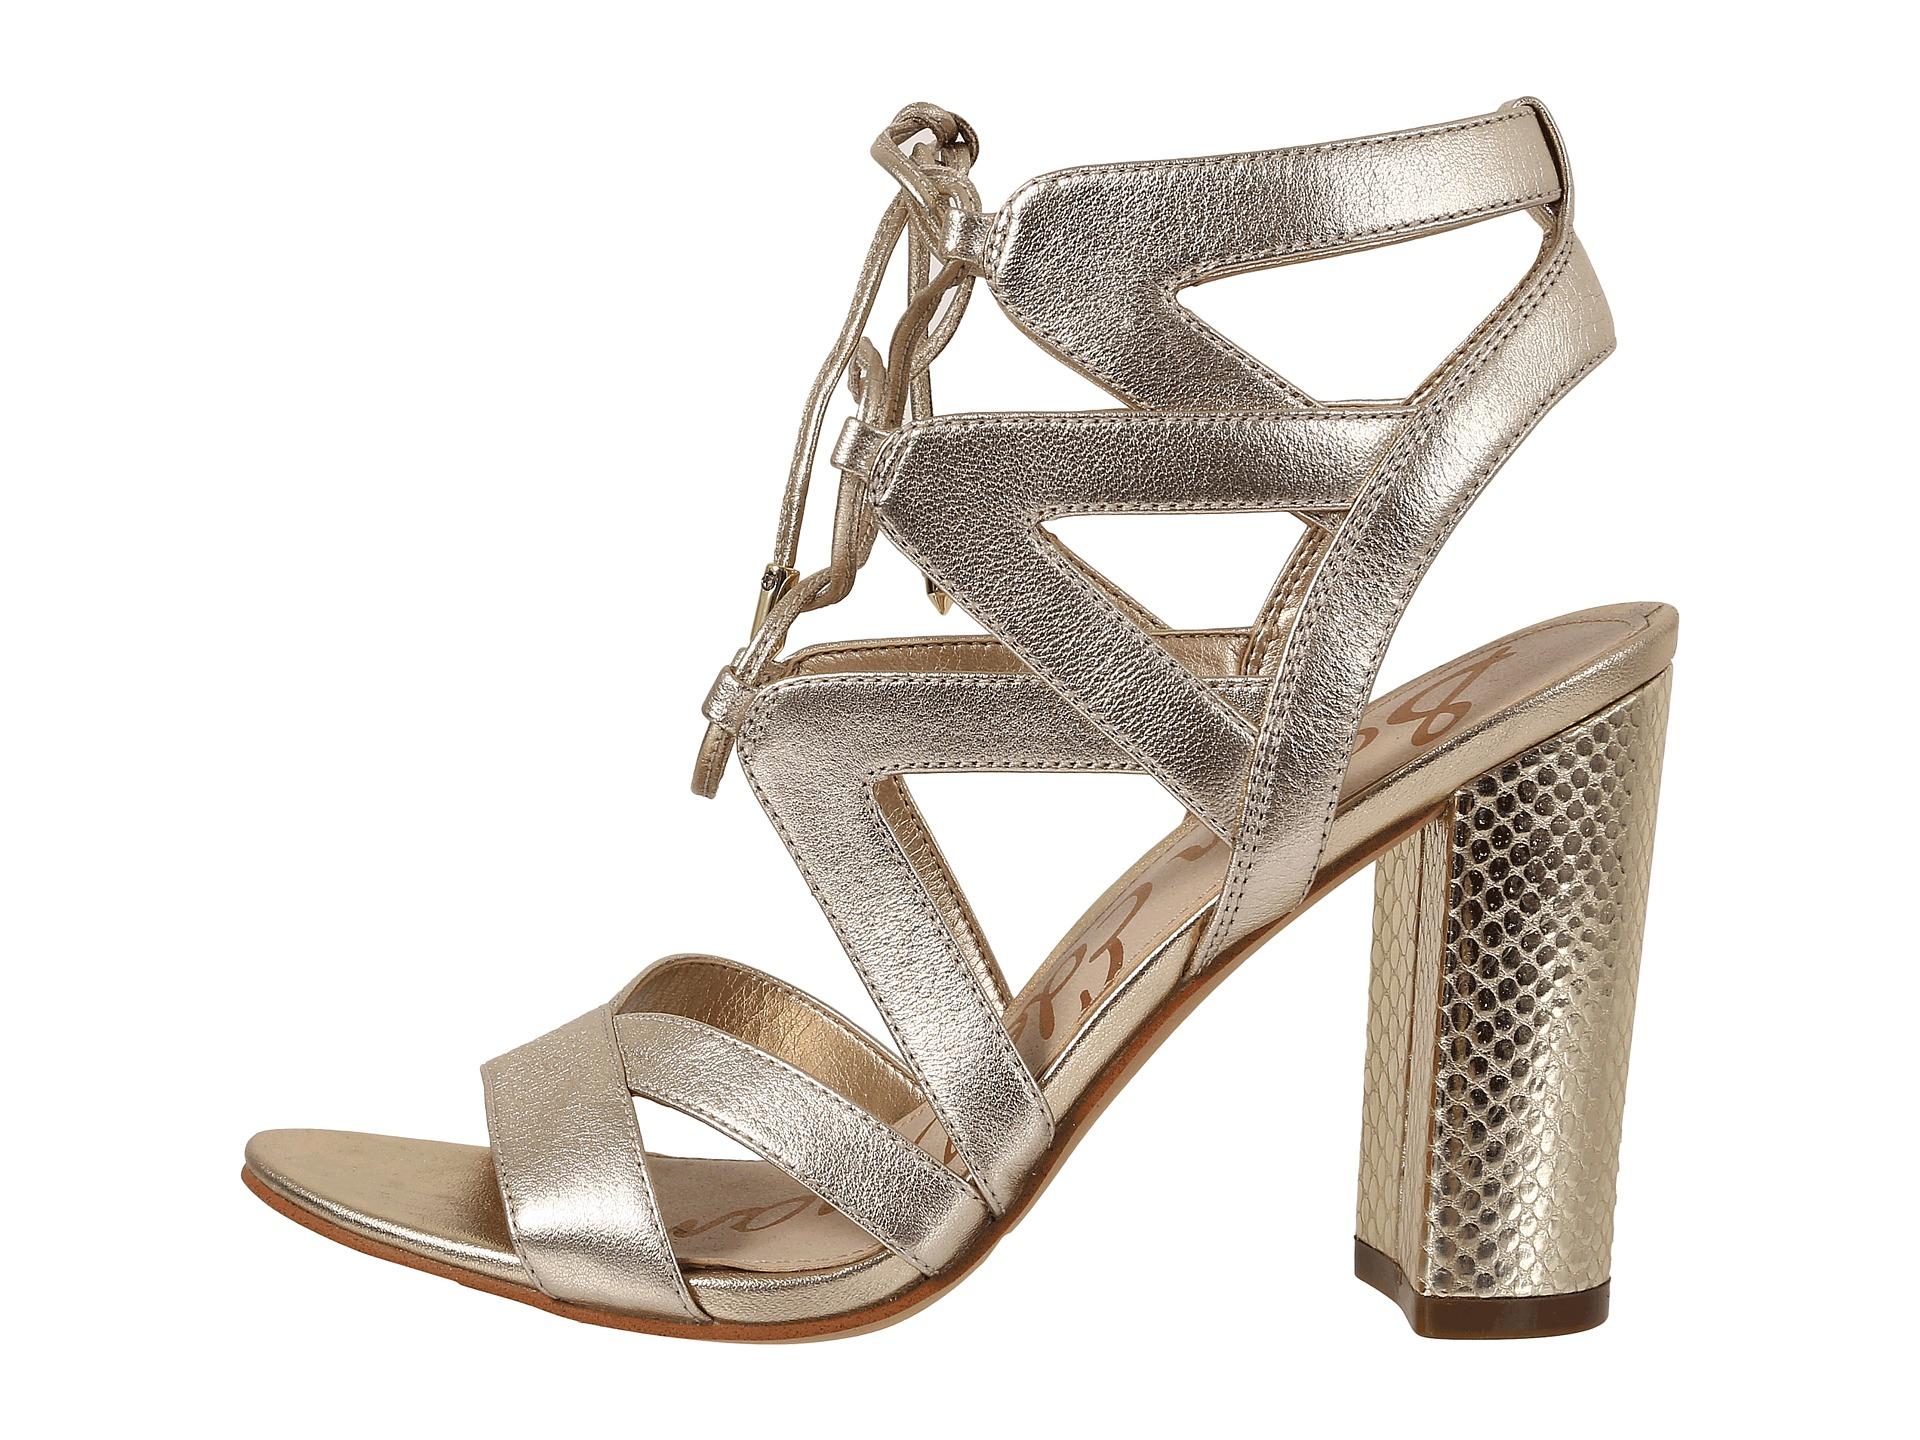 ed27ad5b65747f Lyst - Sam Edelman Yardley Metallic Cut-Out Leather Sandals in Metallic